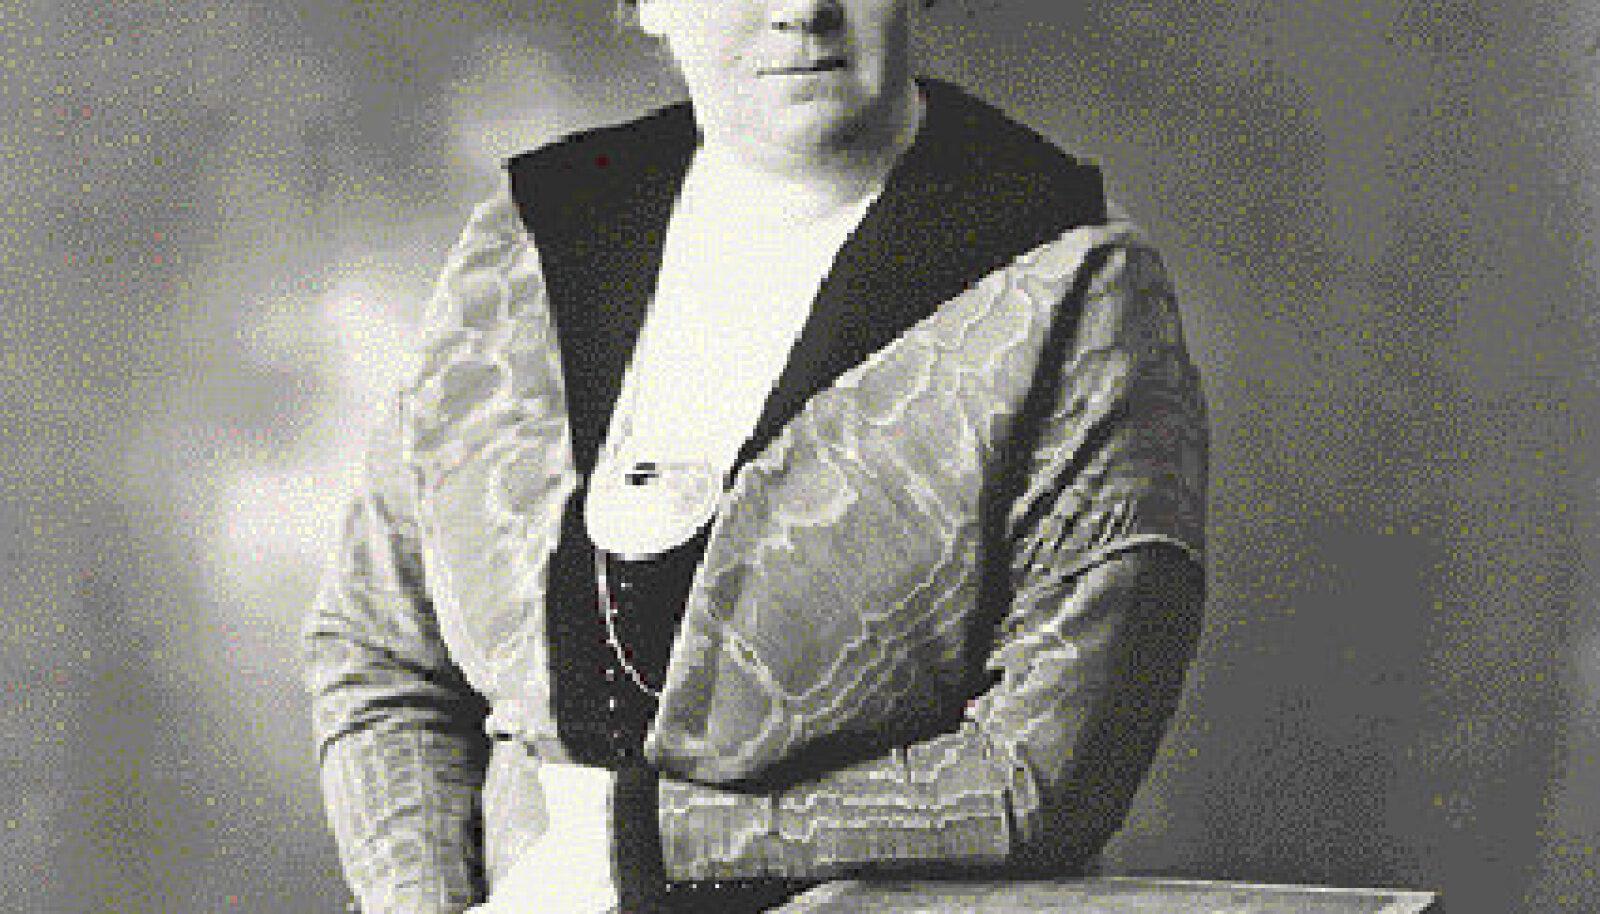 Mari Raamot oma elu kõige õnnelikemail aastail Sahkapuu kooli juhatajana umbes 1912. aastal